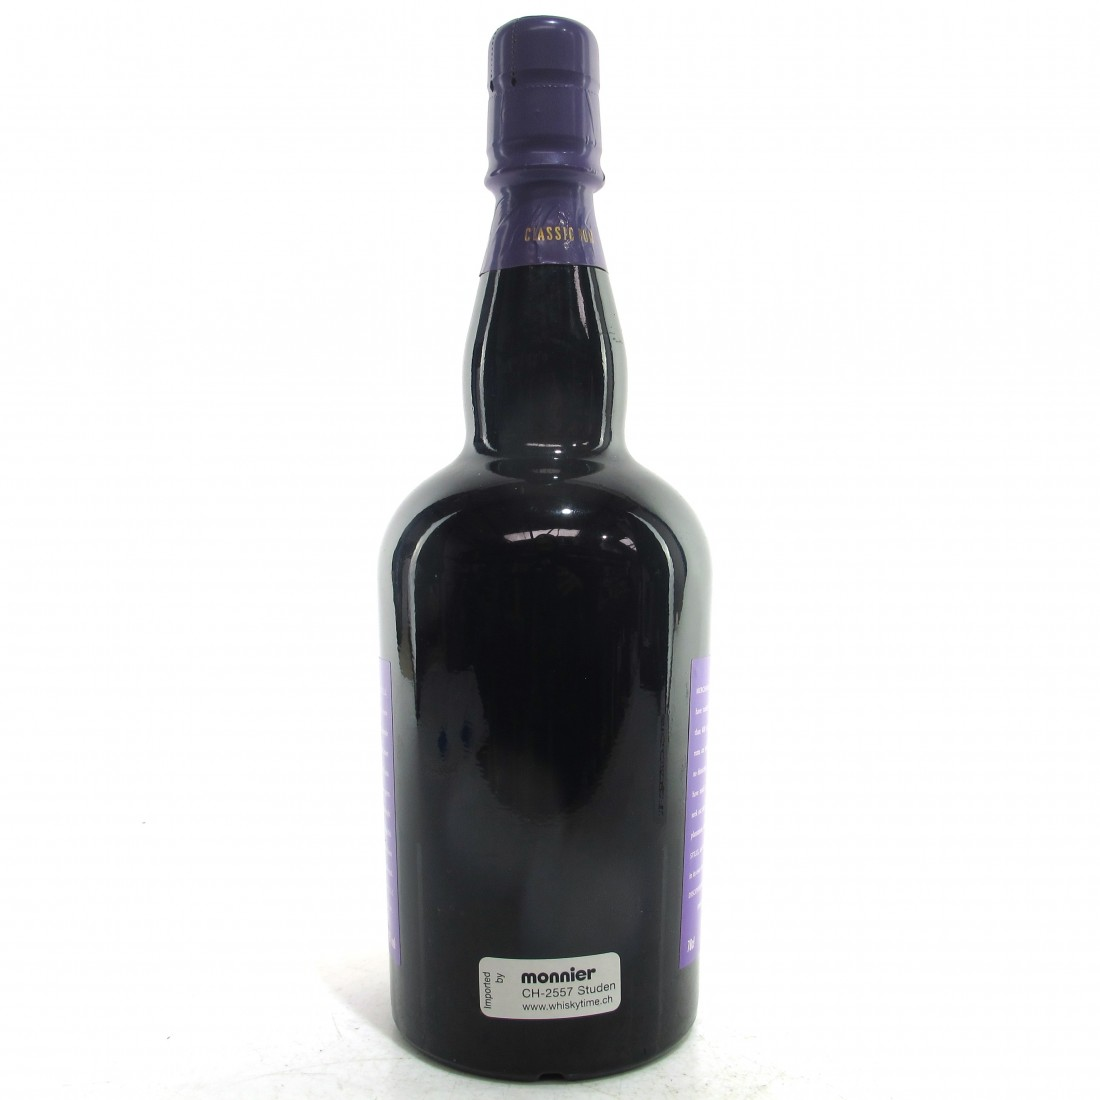 Enmore 1988 Bristol Classic Demerara Rum 12 Year Old